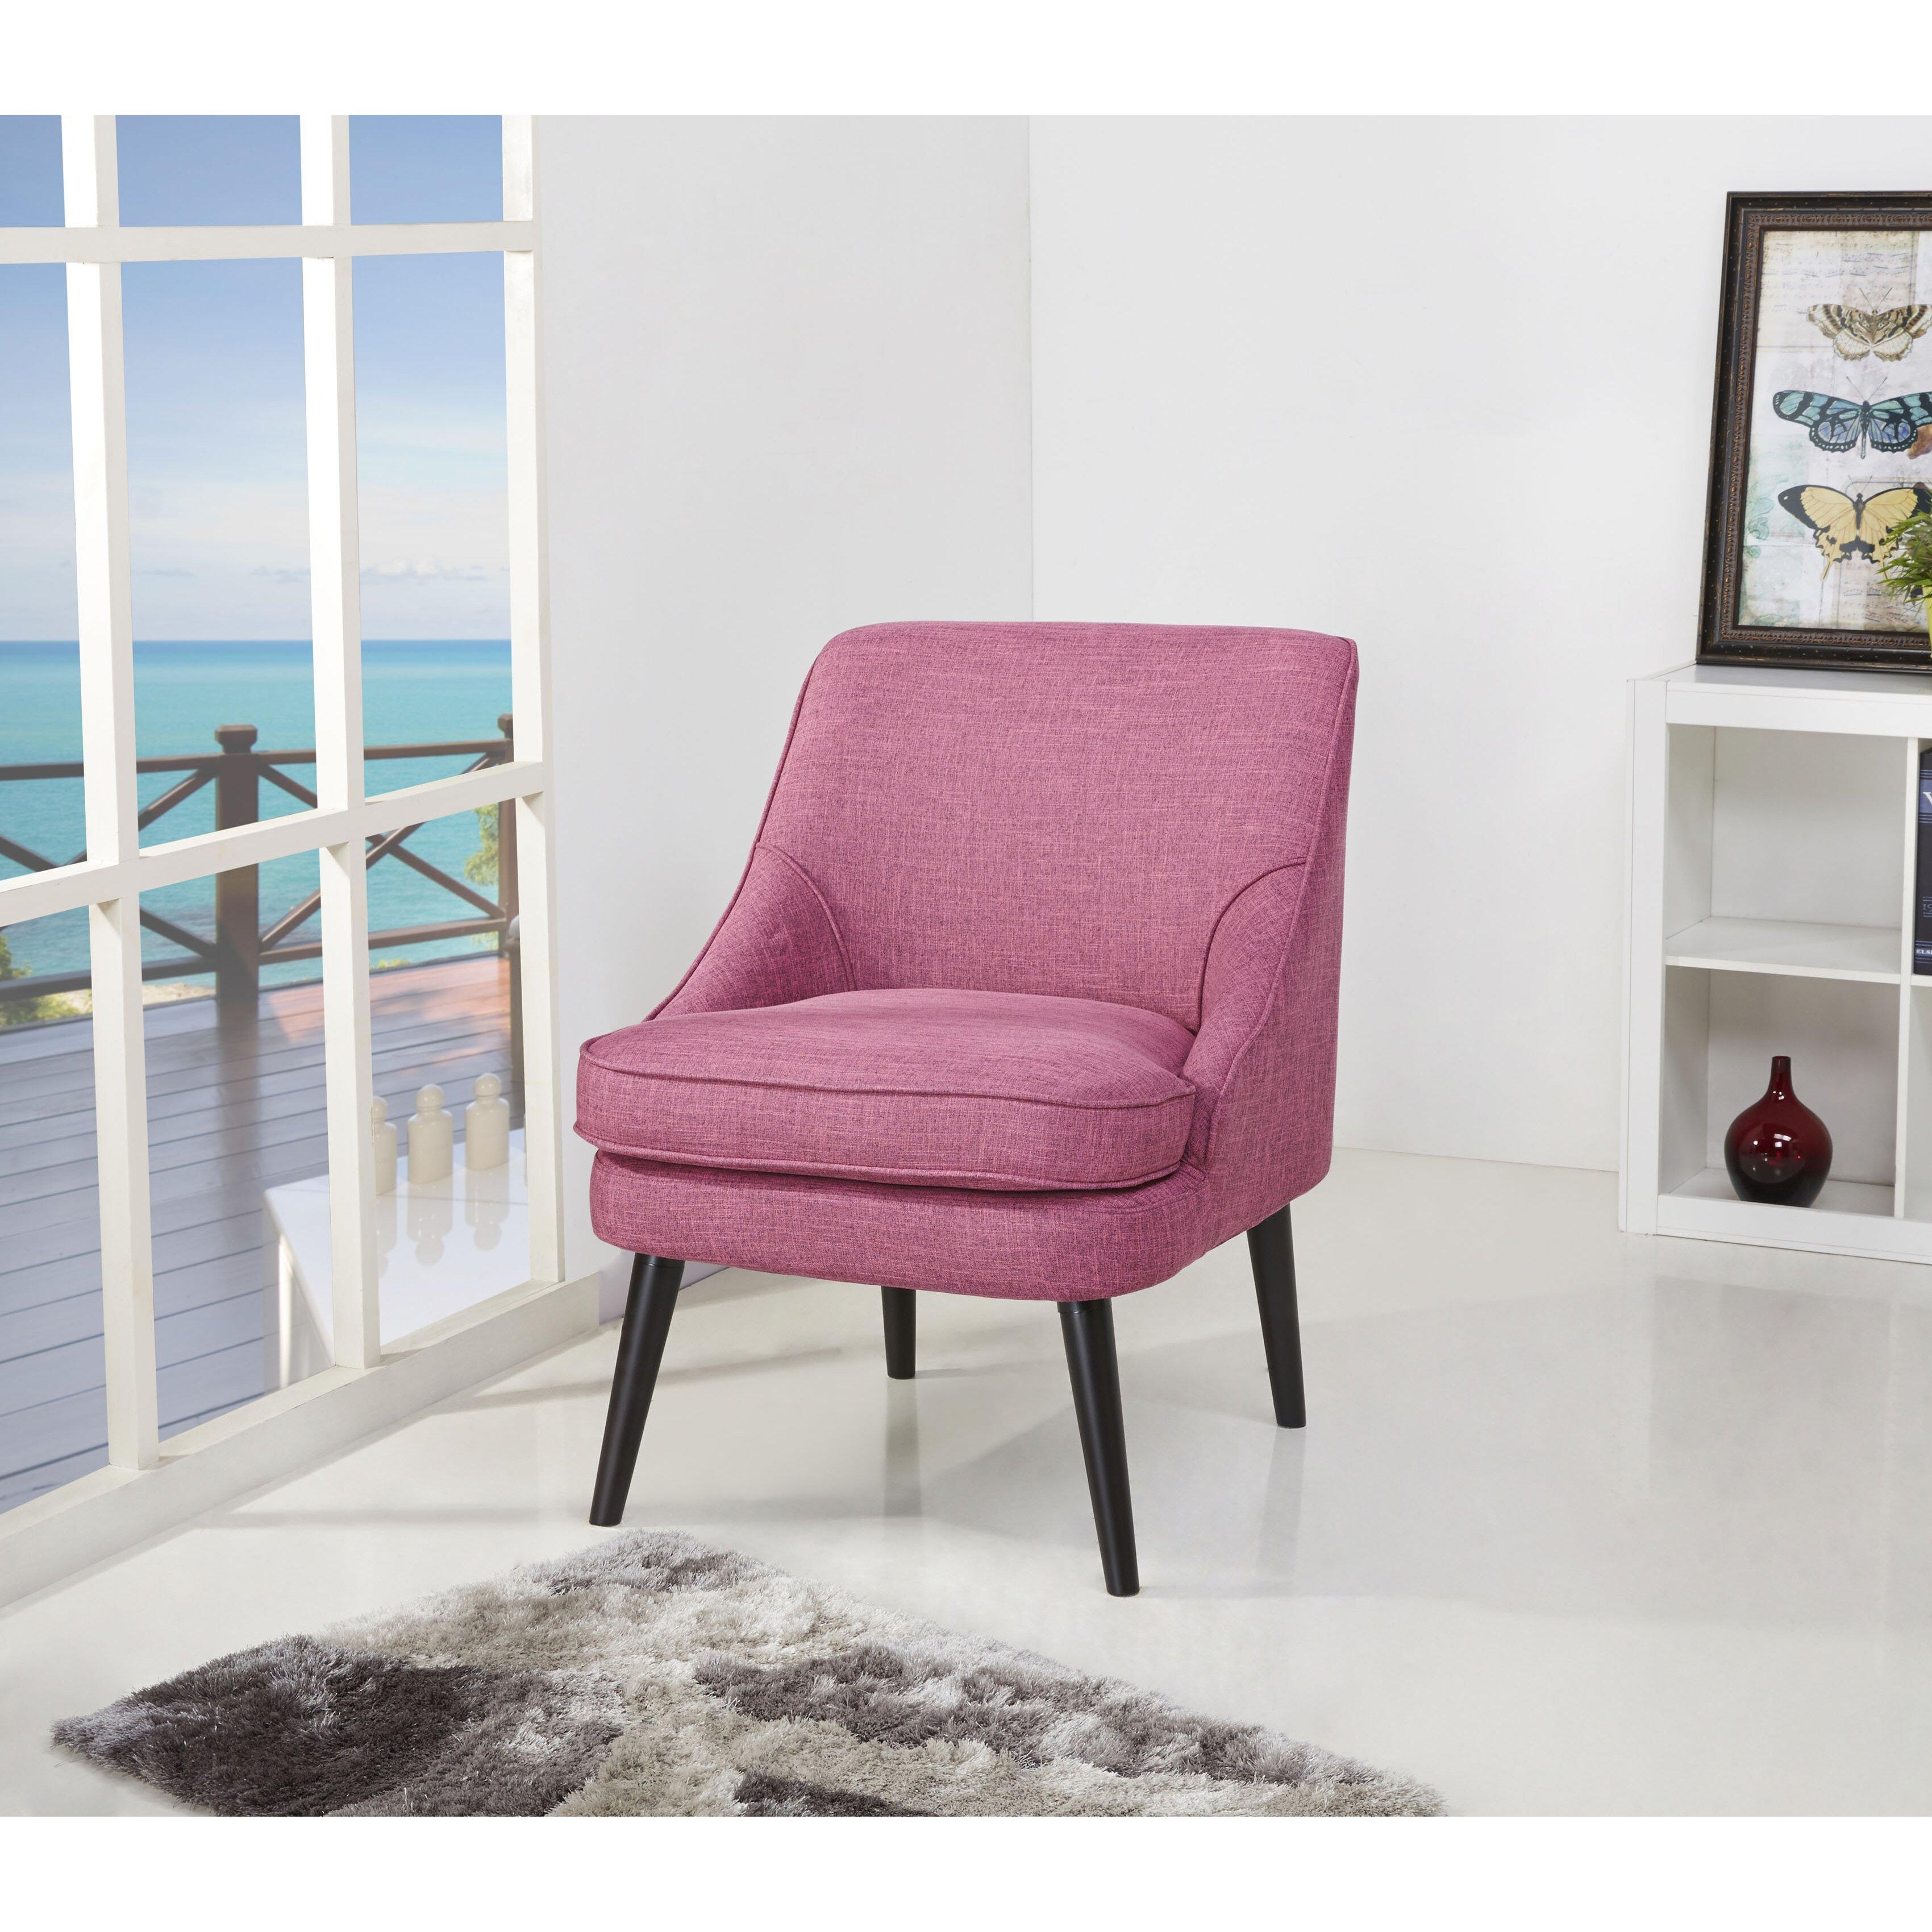 Laurel foundry modern farmhouse arlington slipper chair - Laurel foundry modern farmhouse bedroom ...